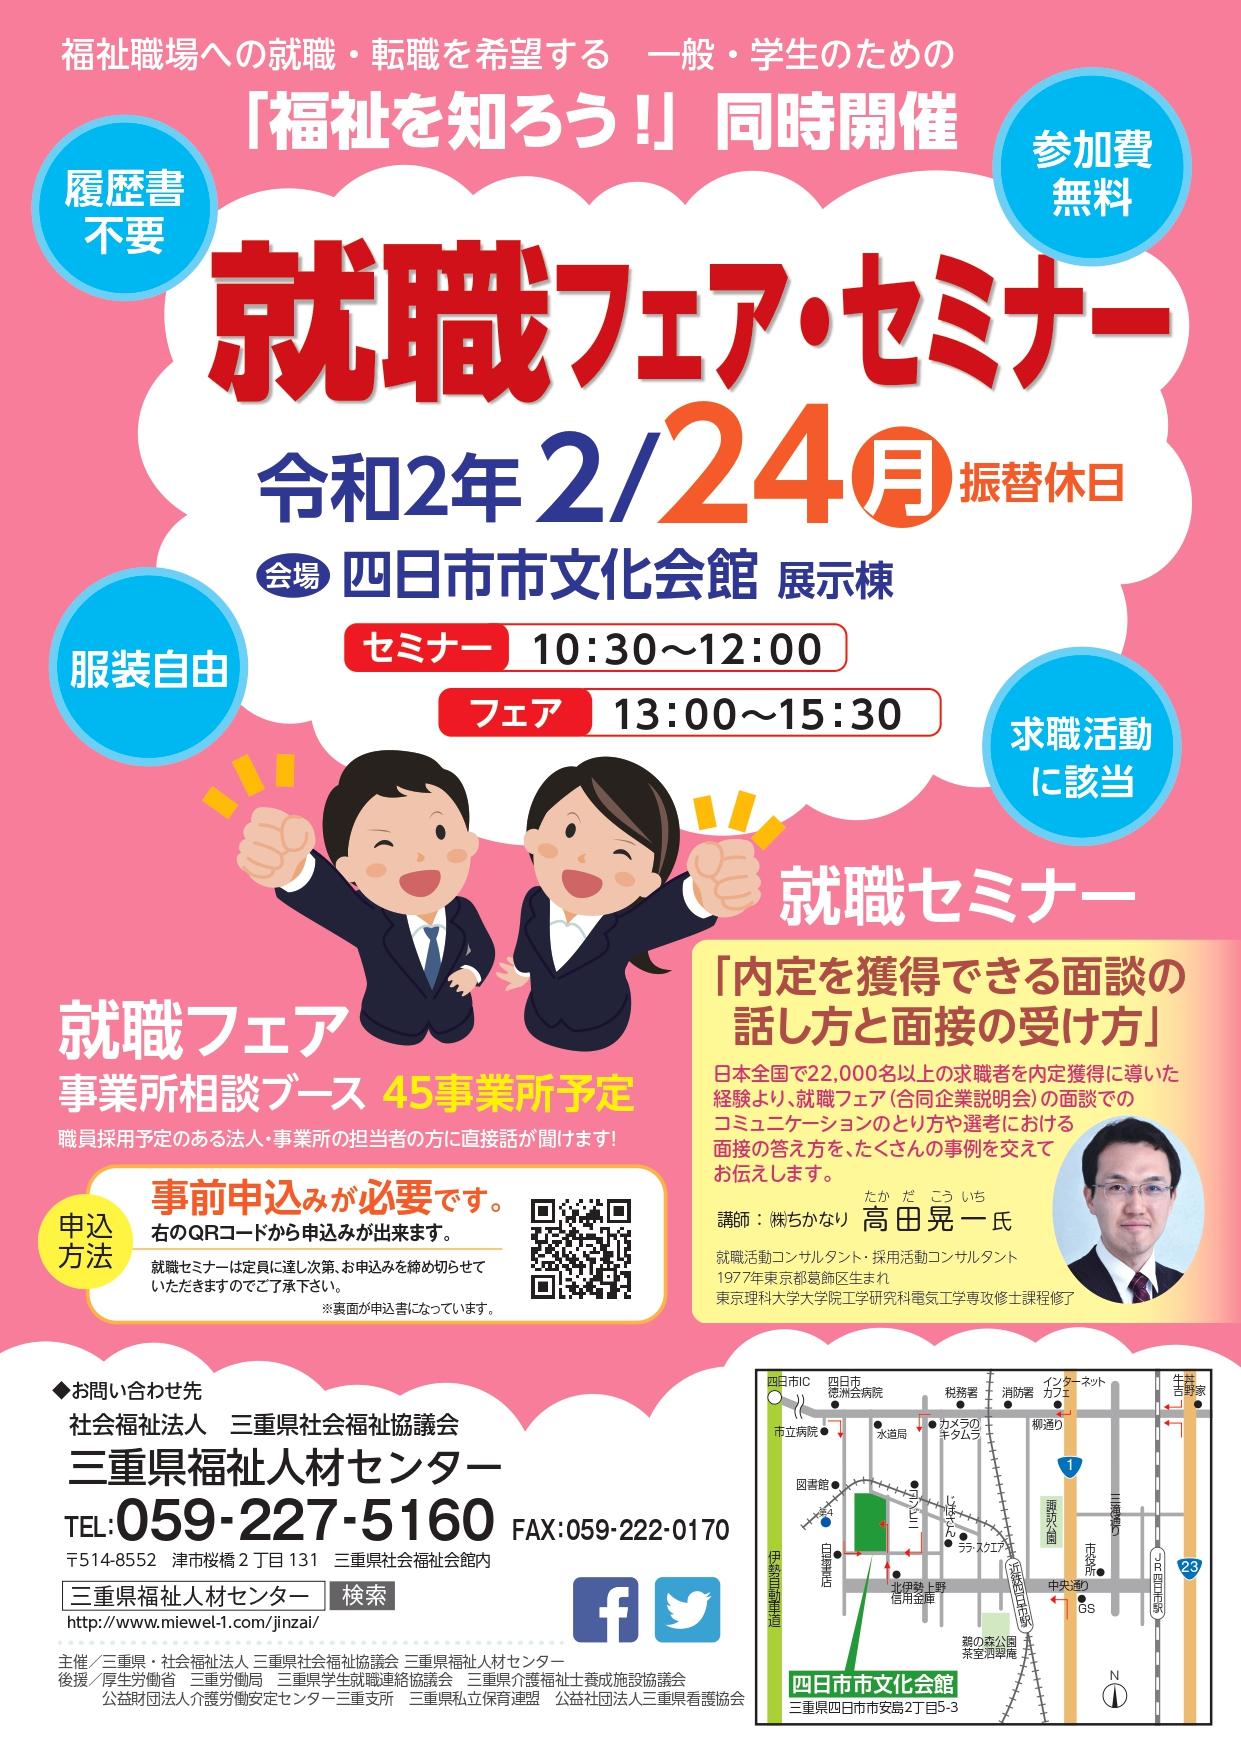 福祉の就職フェア・就職セミナー 三重県